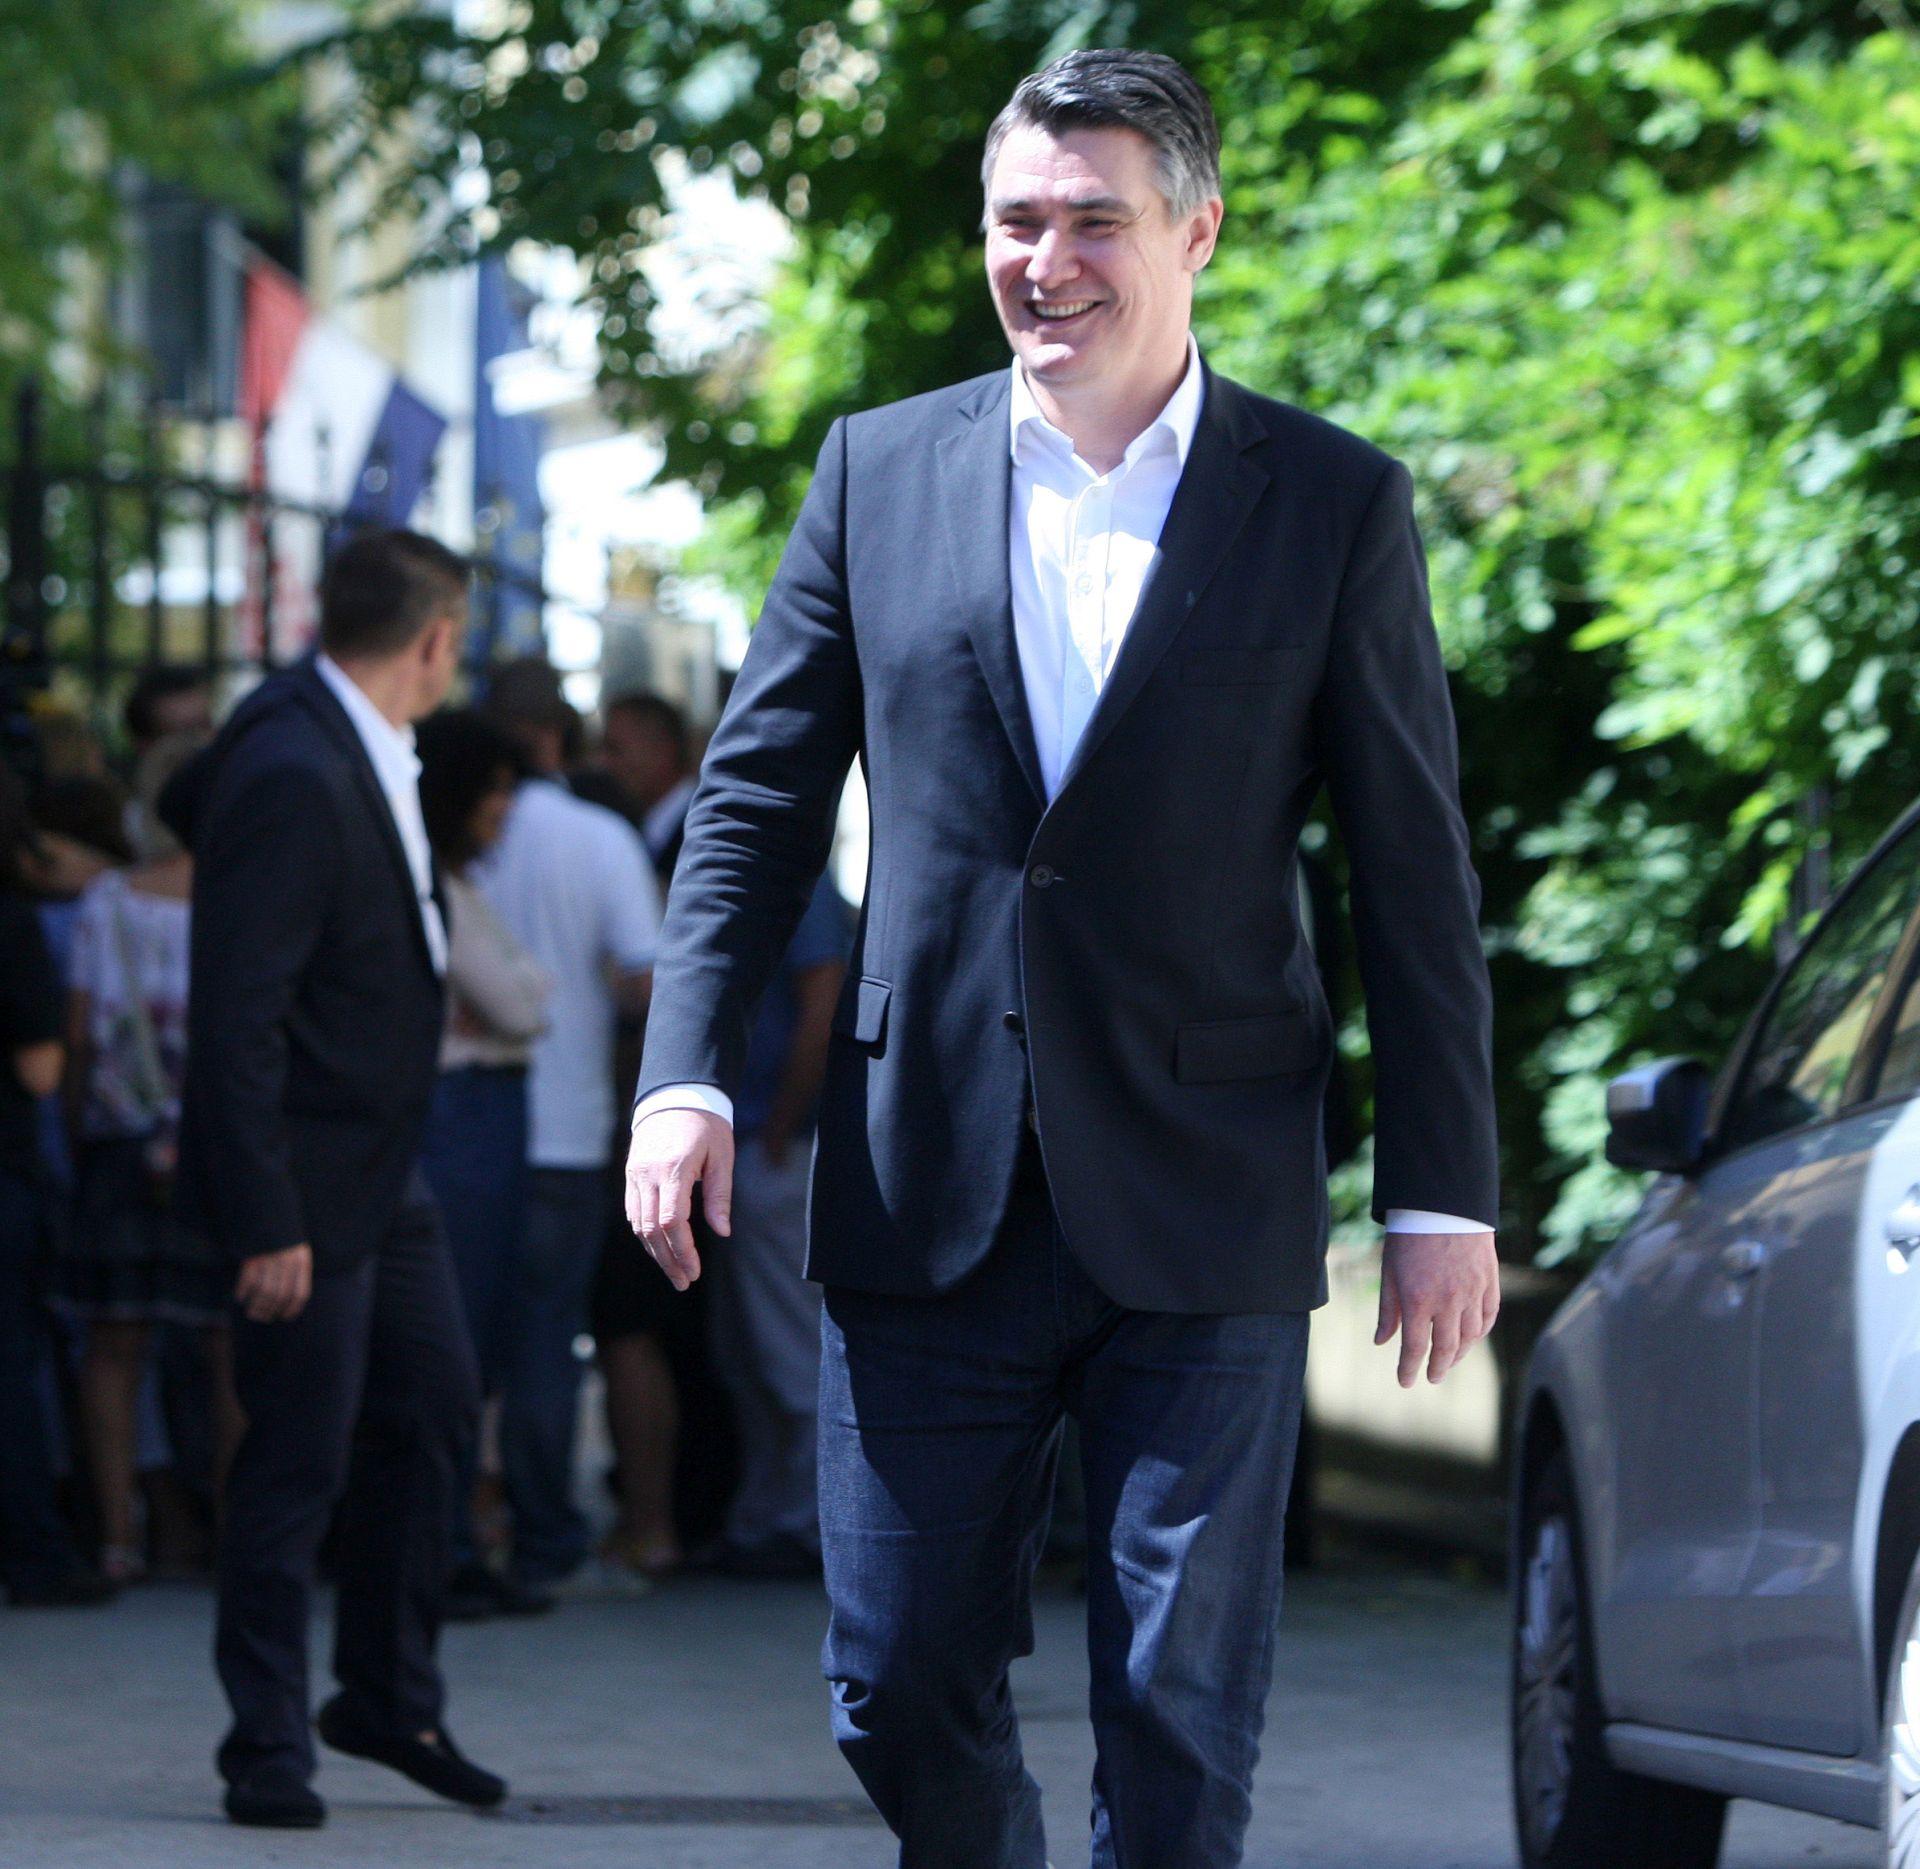 ANKETA POKAZALA: 32,2 posto građana kao najboljeg premijera vide Zorana Milanovića